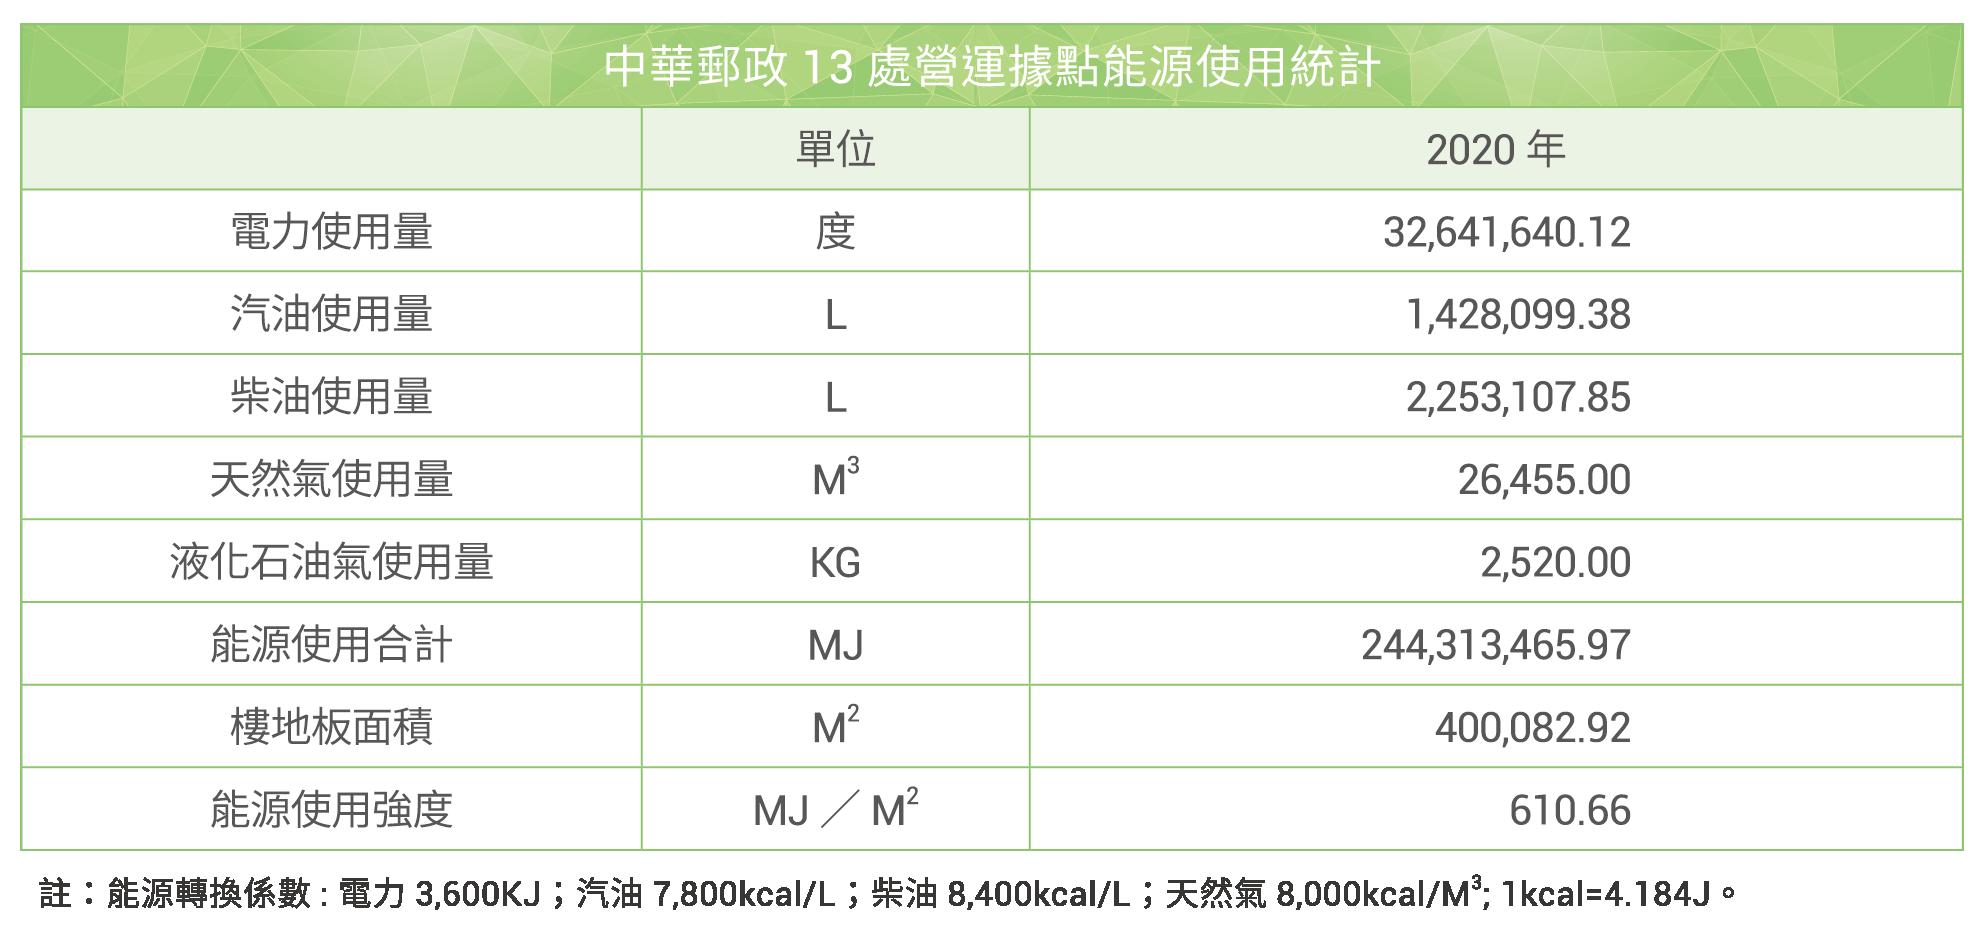 13處營運據點能源使用統計